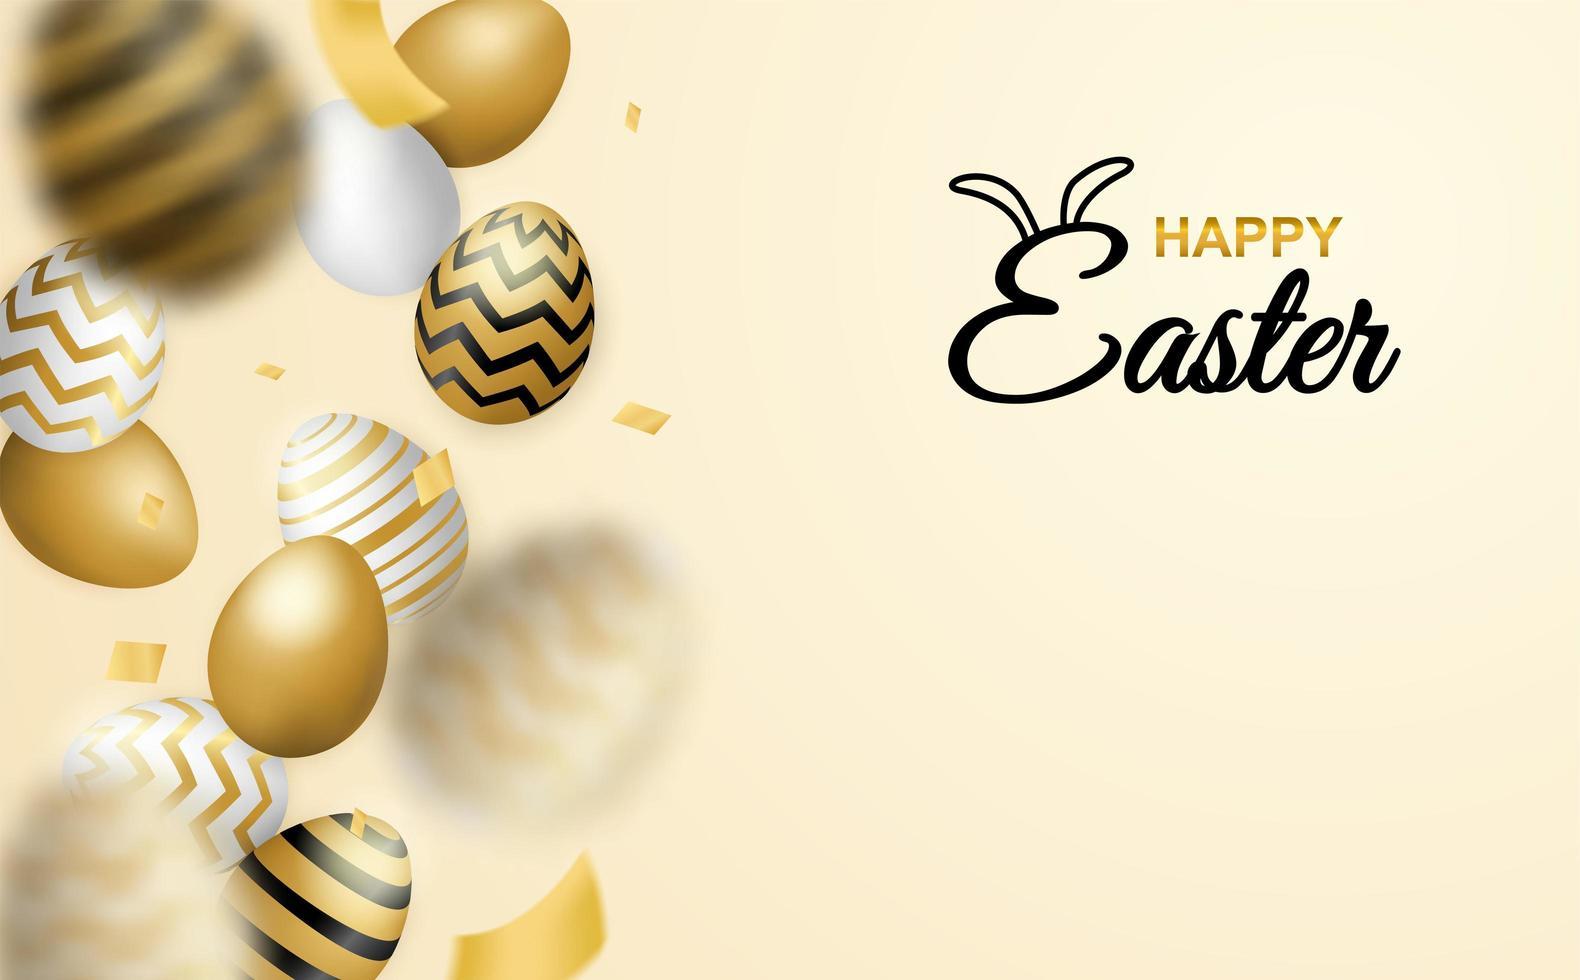 poster di buona Pasqua con uova modellate che cadono vettore